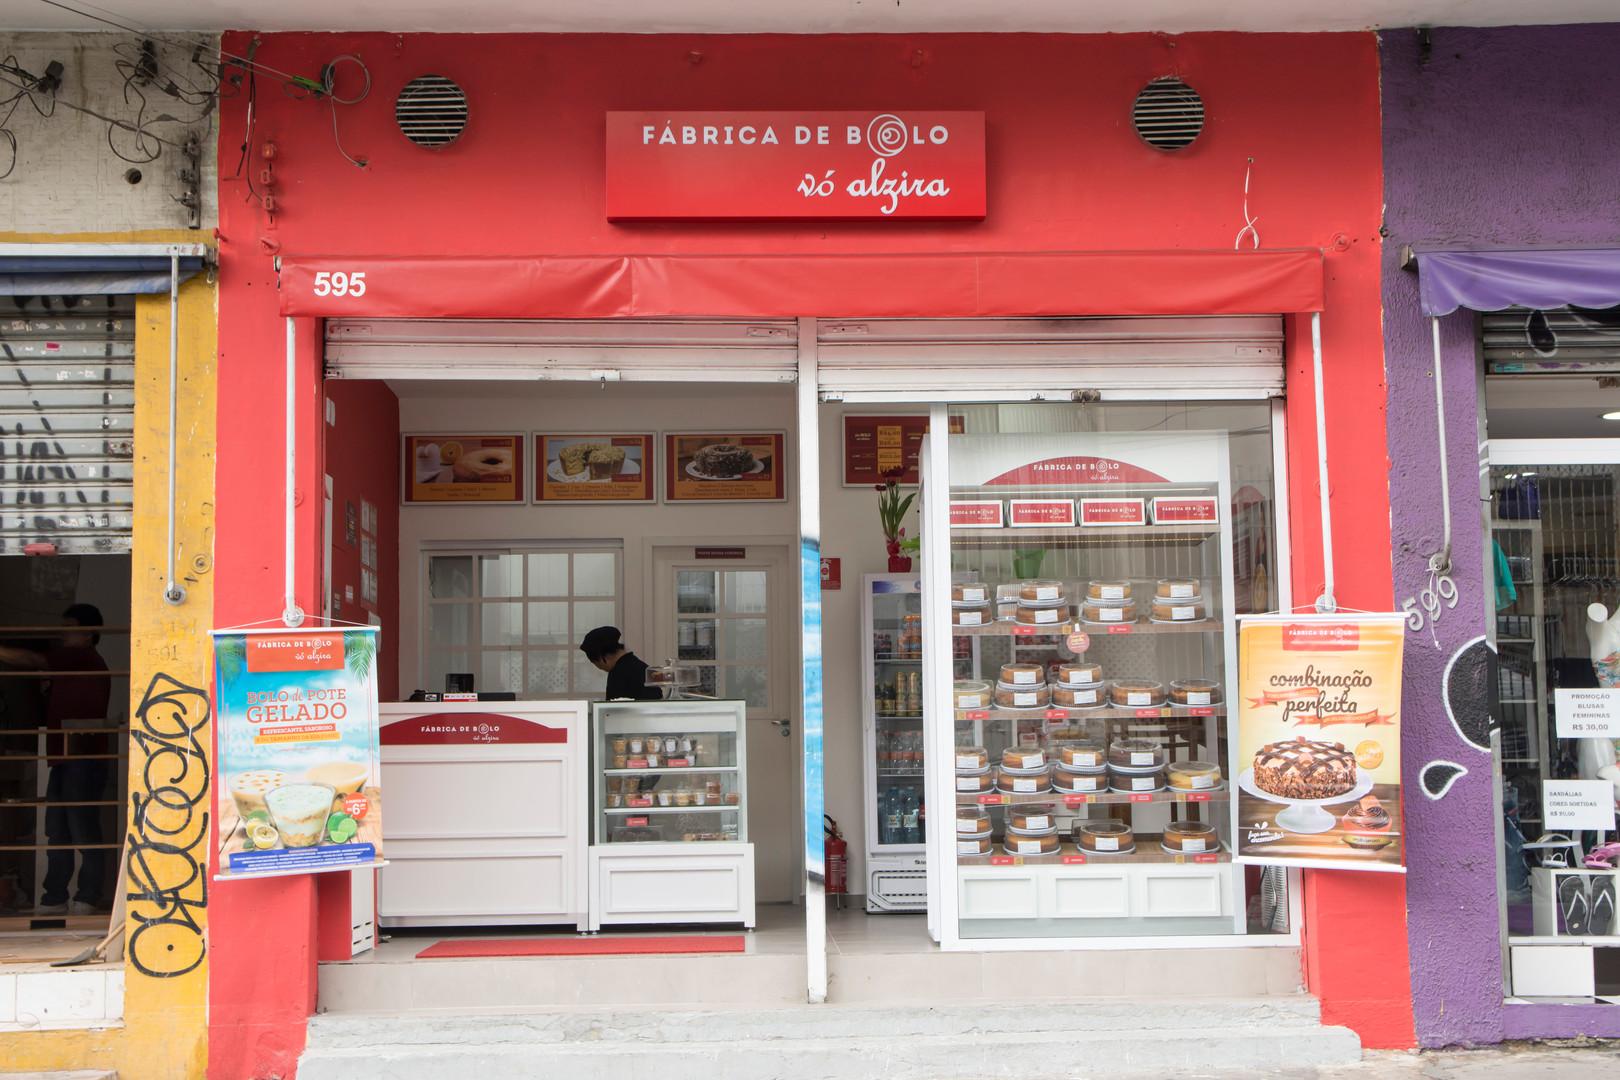 Fachada de loja de Bolos caseiros em São Paulo! Um bom negócio em Franquias!